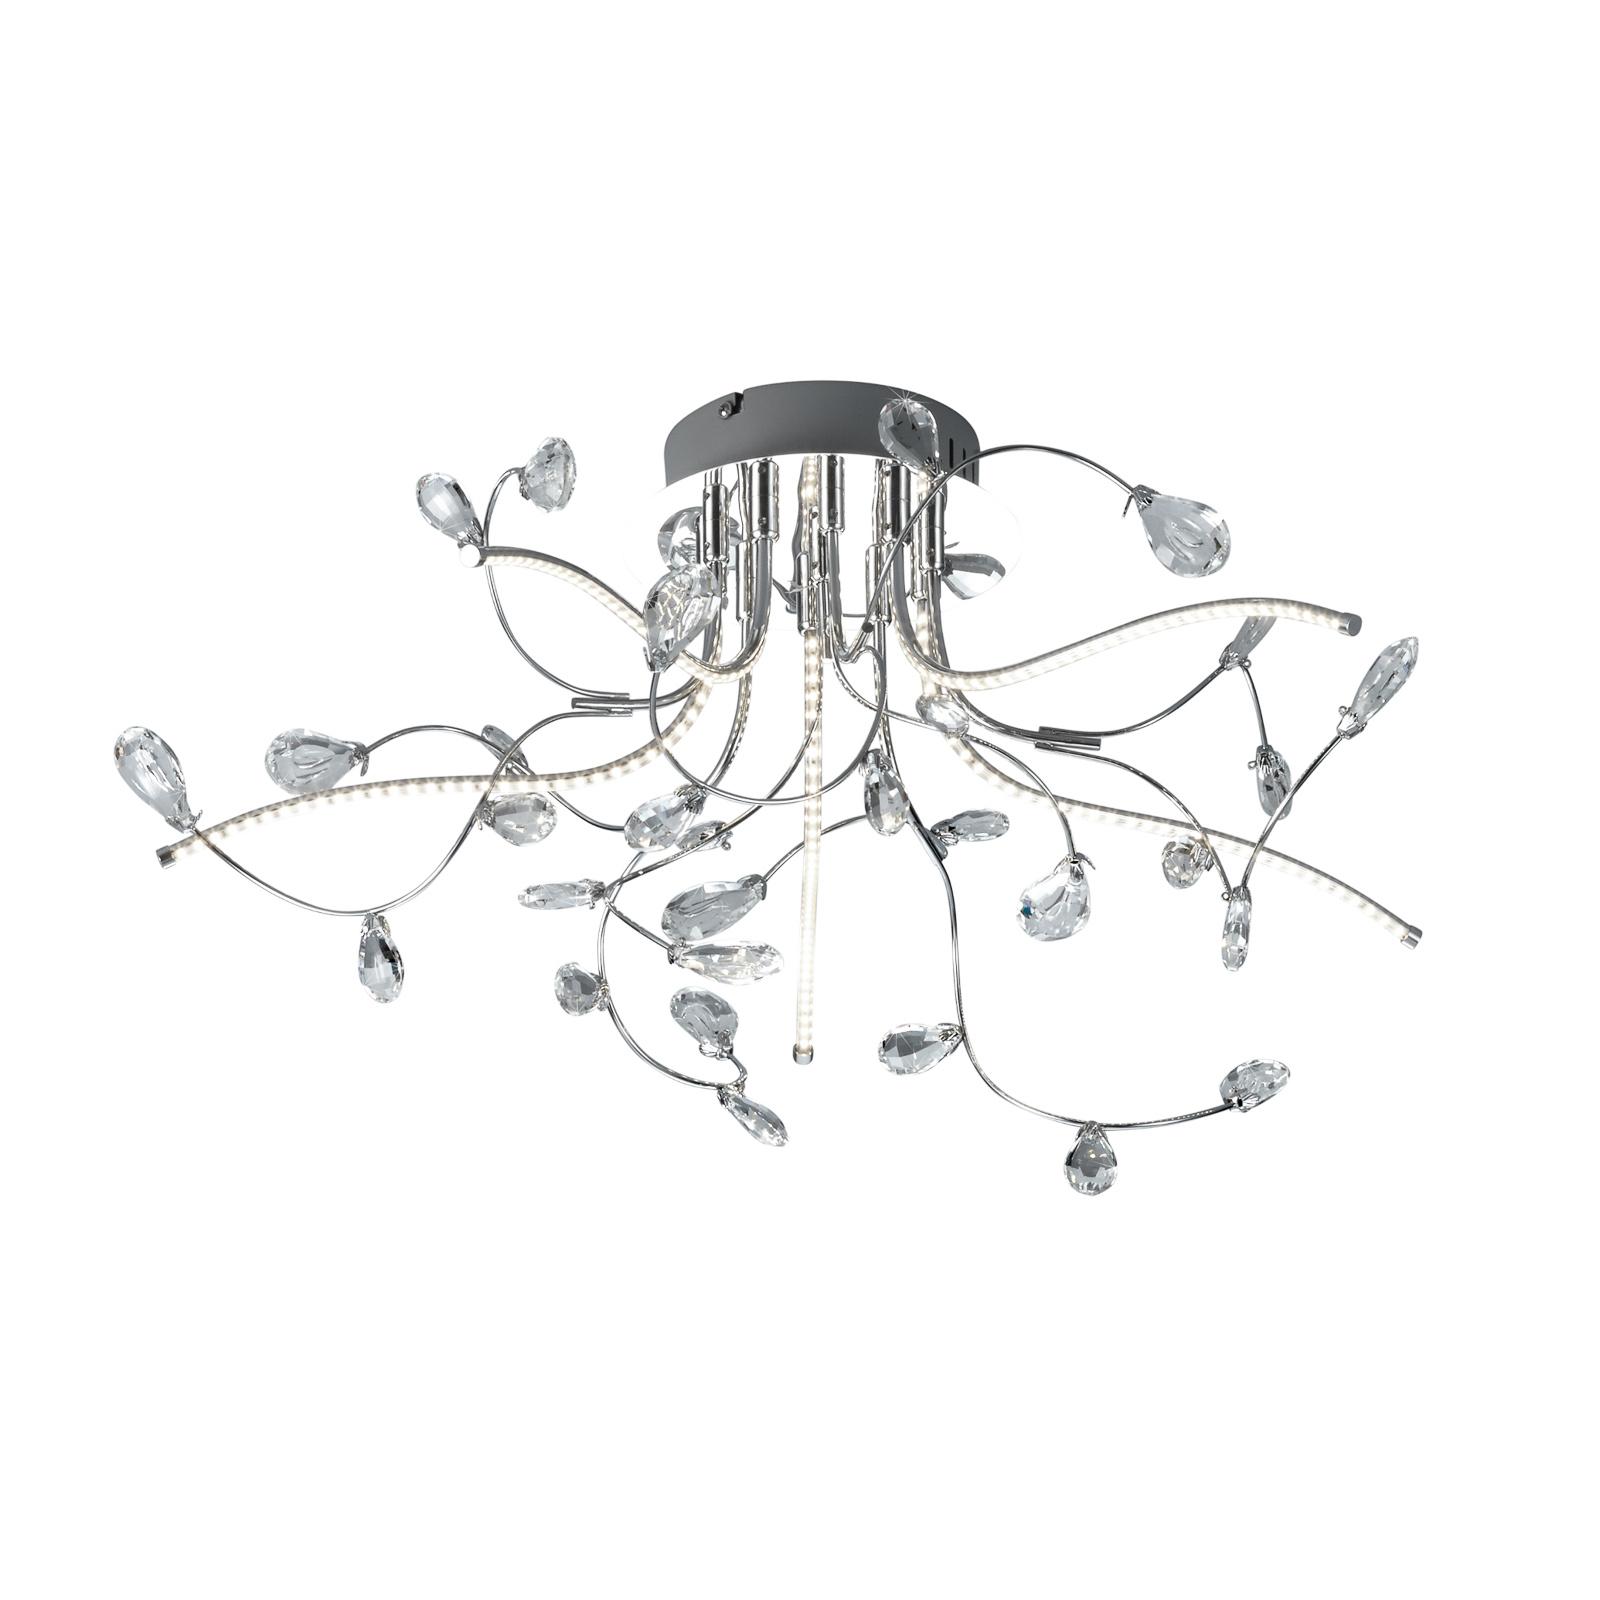 B-Leuchten Crystal Deckenleuchte, chrom, 54 cm